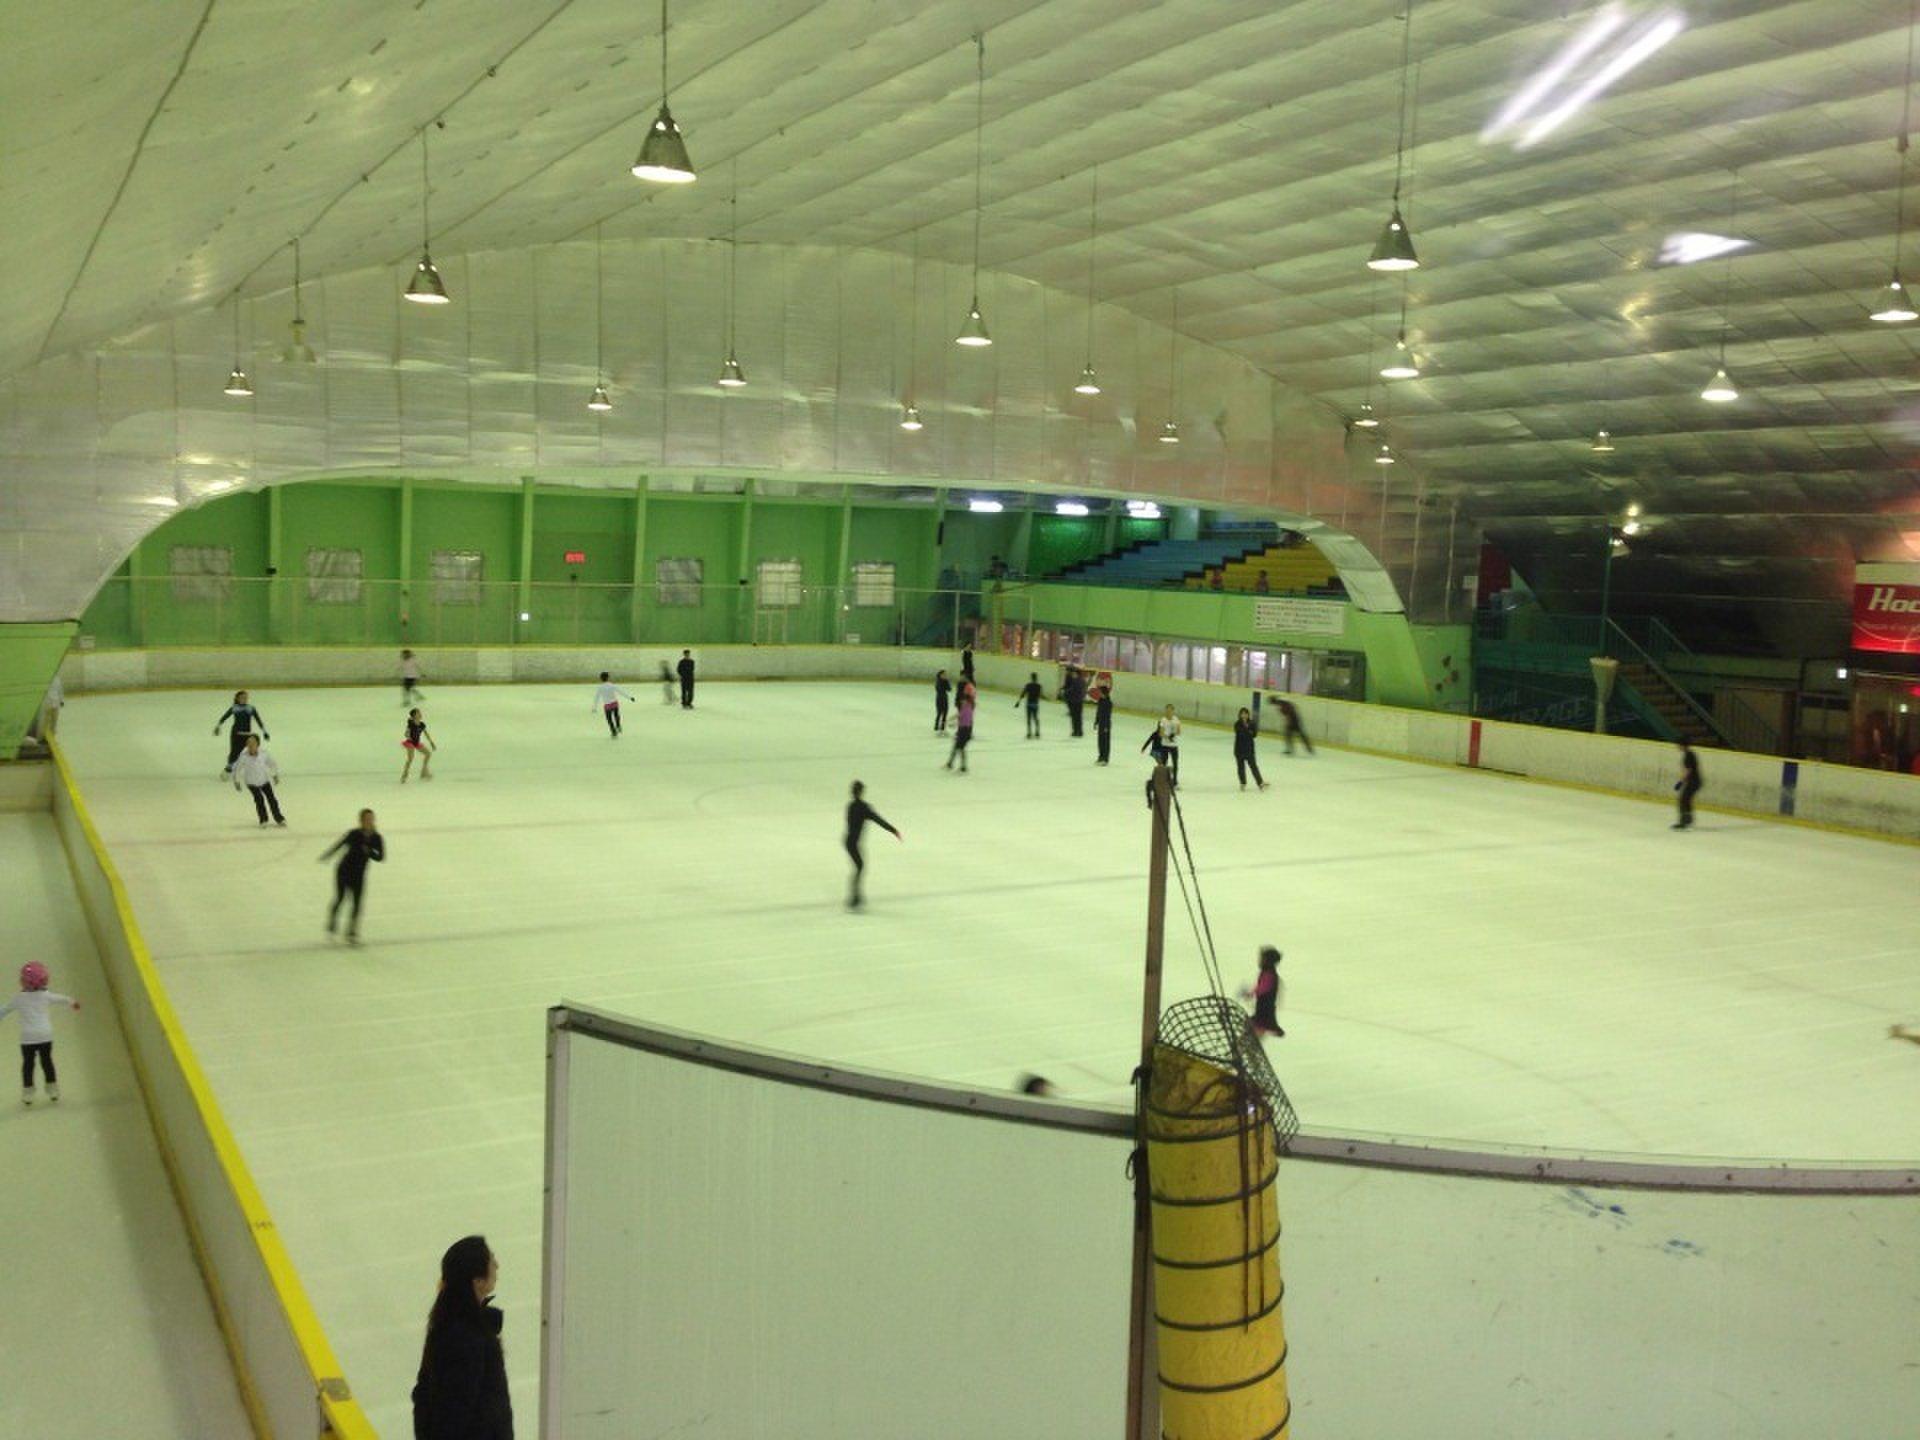 横浜・みなとみらいアイススケート場でデート!手ぶらで行けるおすすめスポット!温泉スパへ!